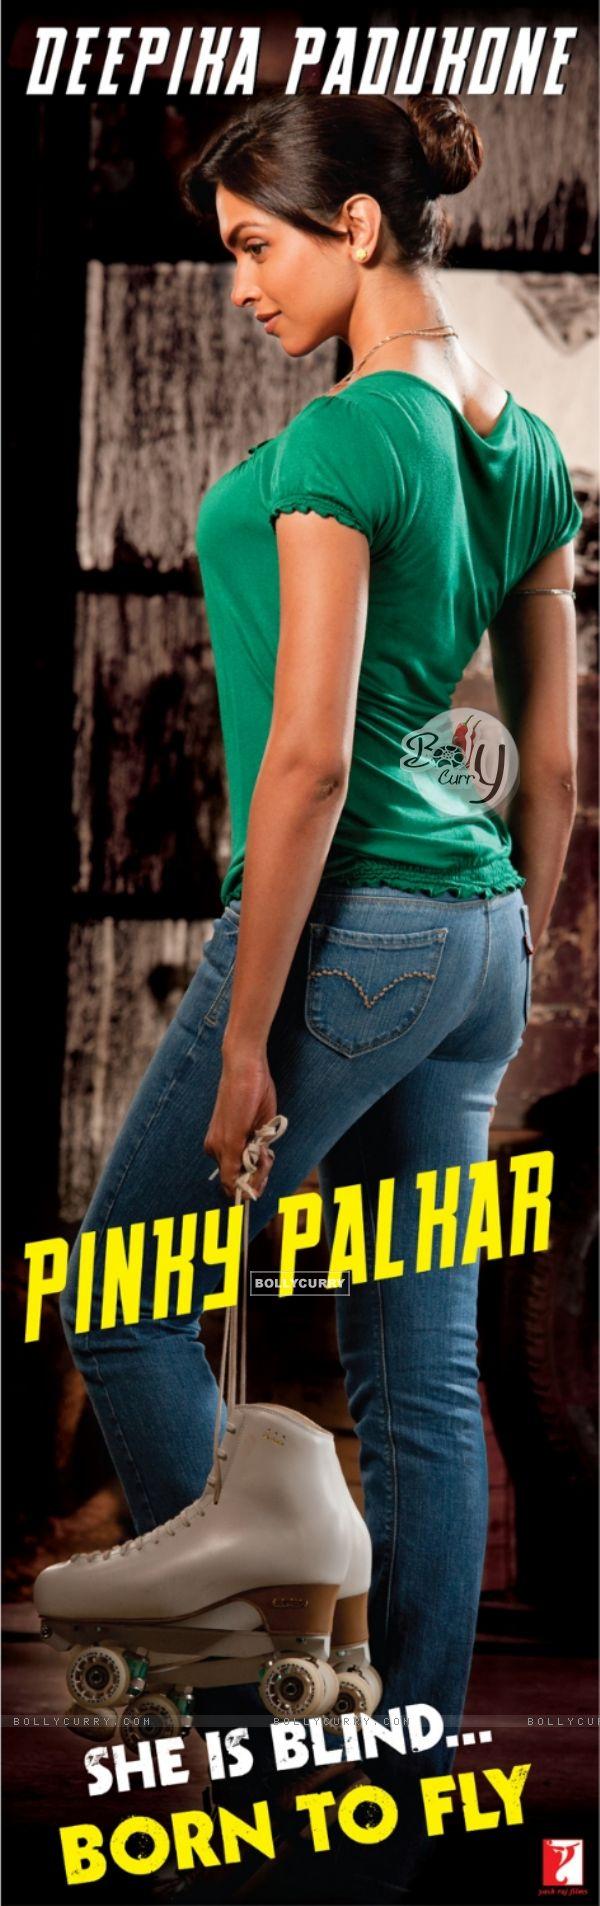 Deepika in the movie Lafangey Parindey (67177)